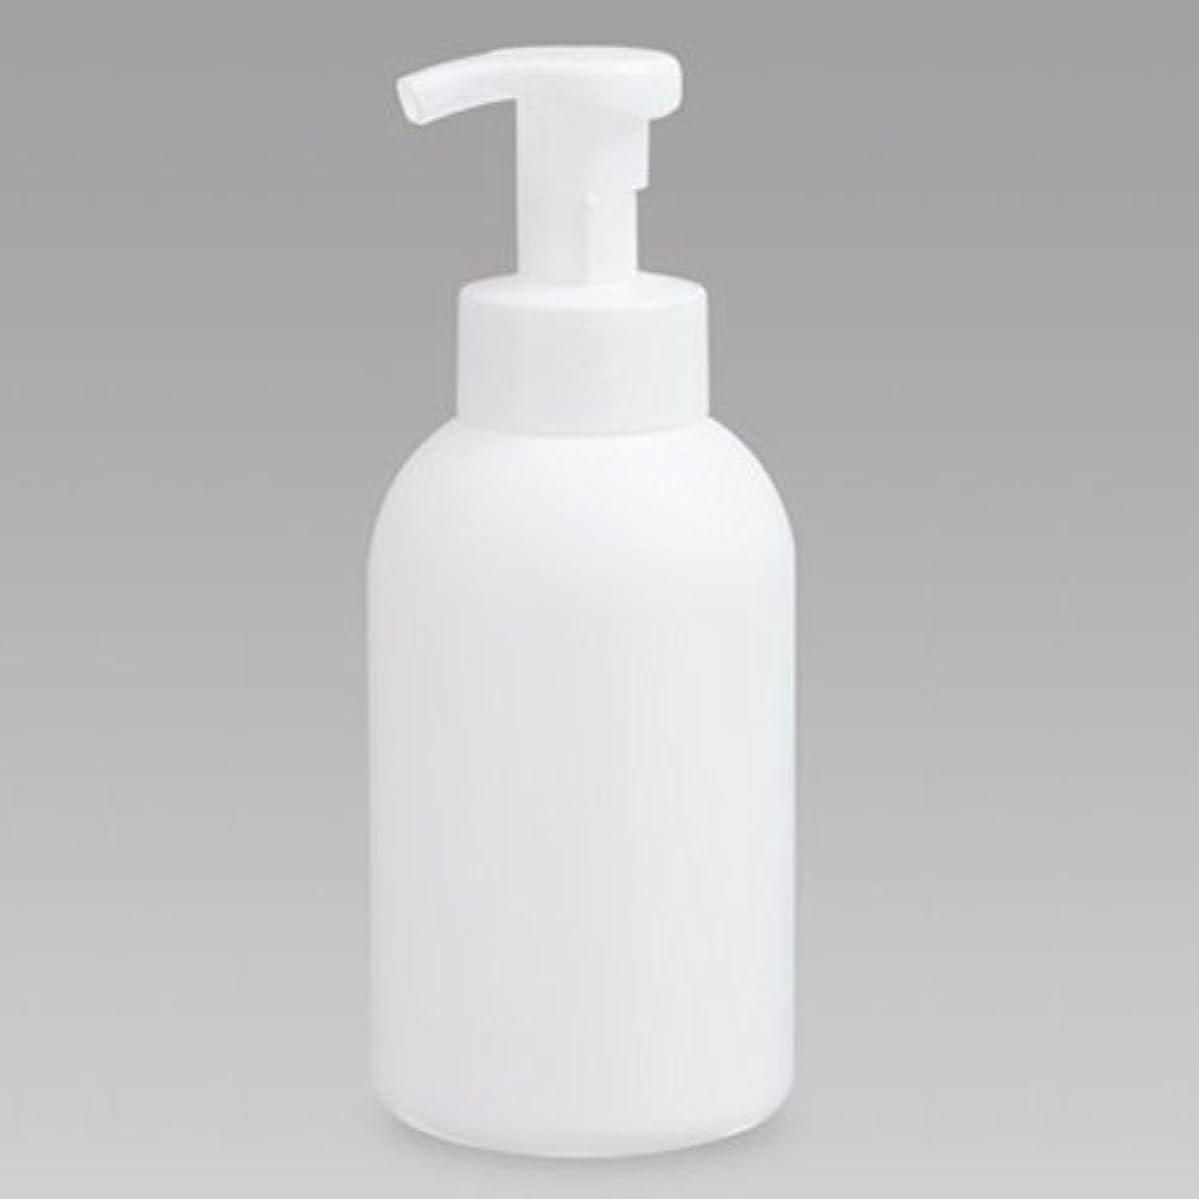 虚偽対話大破泡ボトル 泡ポンプボトル 500mL(PE) ホワイト 詰め替え 詰替 泡ハンドソープ 全身石鹸 ボディソープ 洗顔フォーム